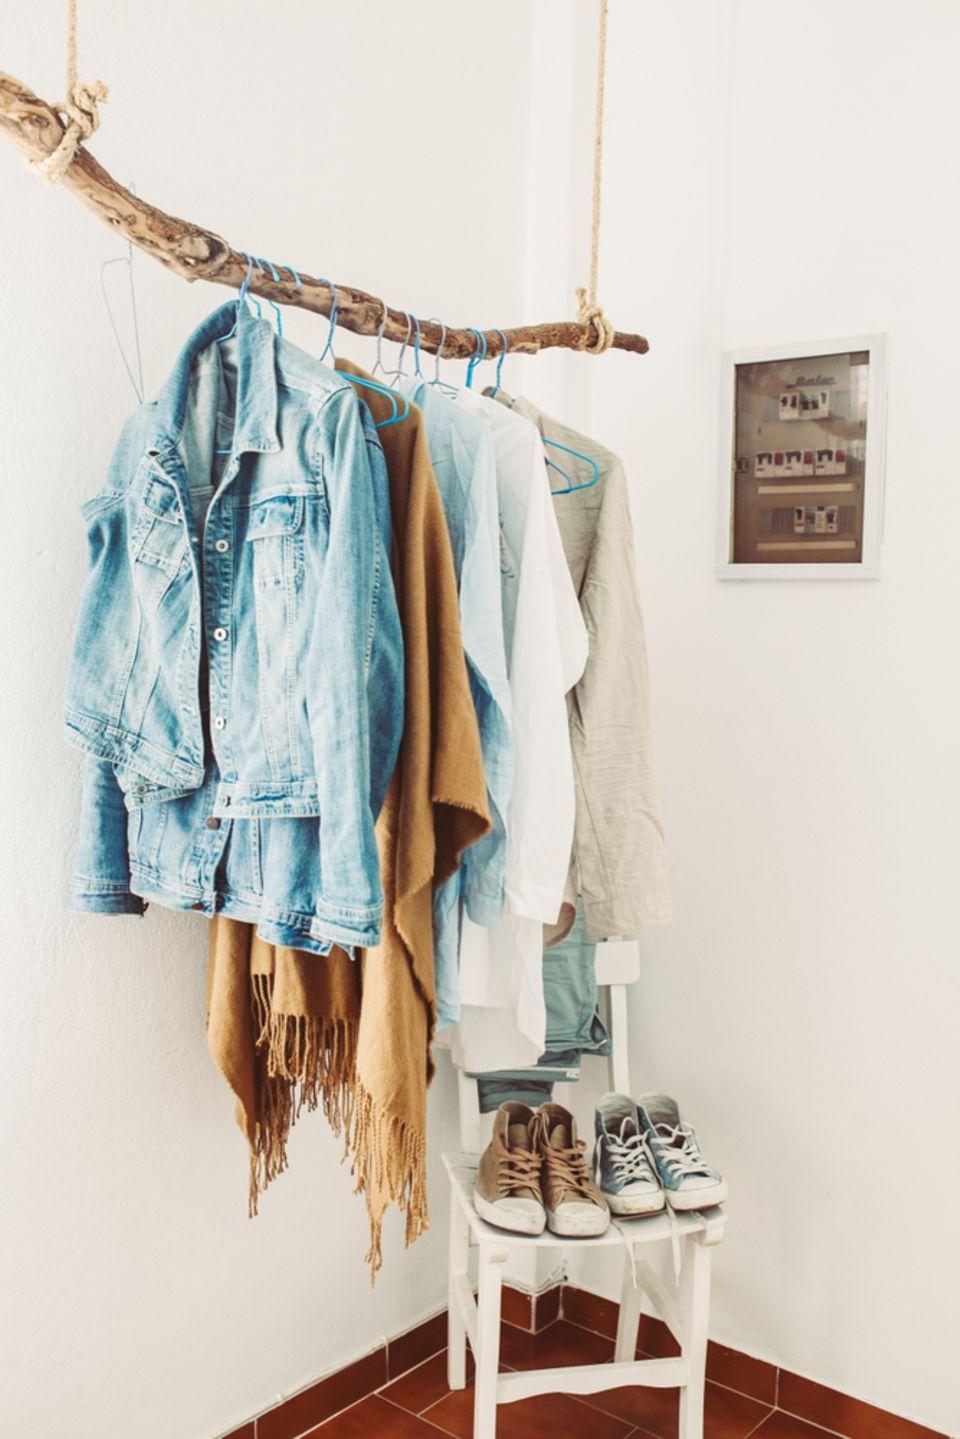 Getragene Kleidung aufbewahren: Kleiderstange aus einem Baumstamm